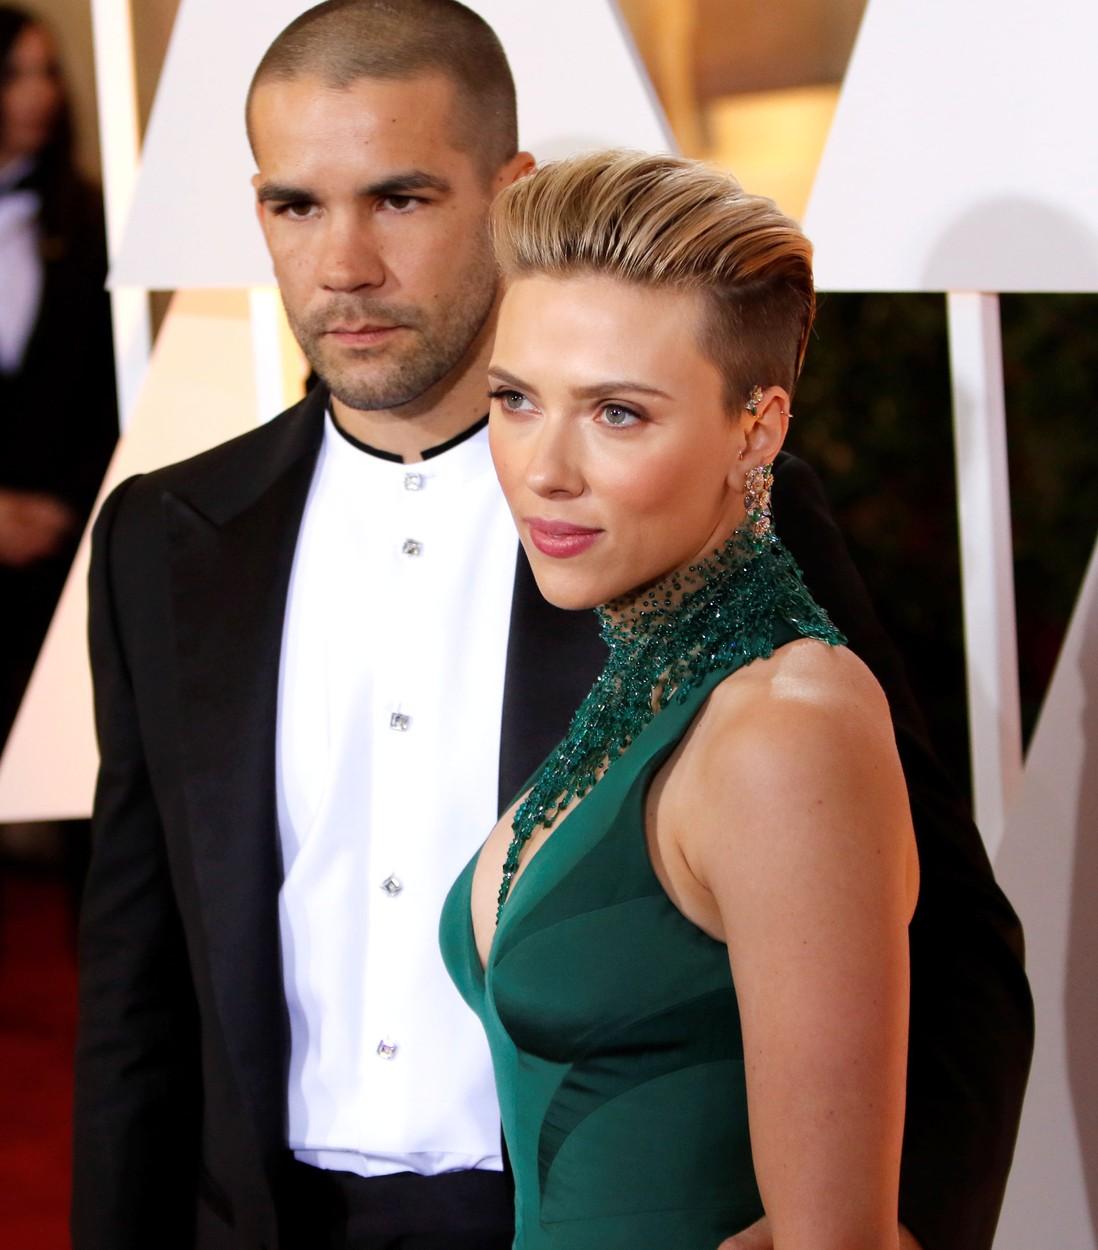 Titokban szakított férjével Scarlett Johansson